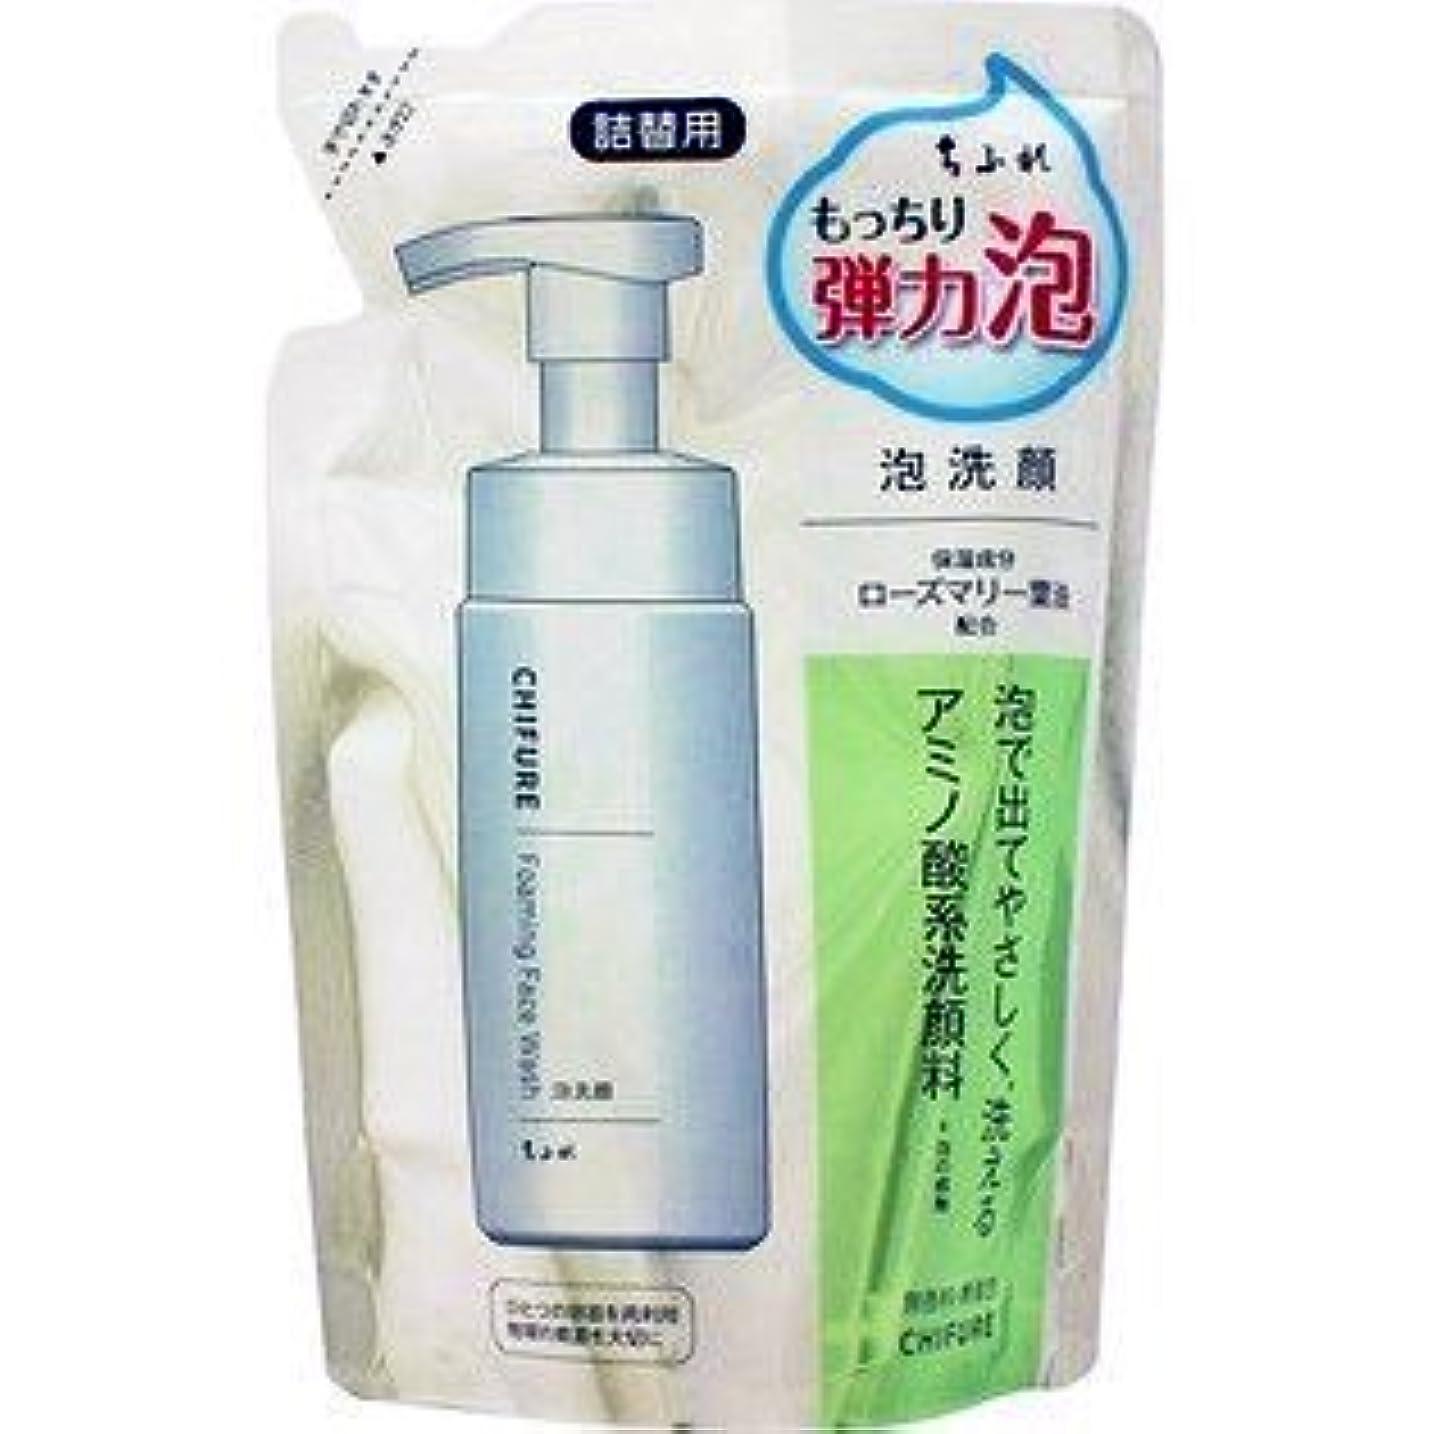 弱点味植生ちふれ化粧品 ちふれ 泡洗顔 詰替用 180ml